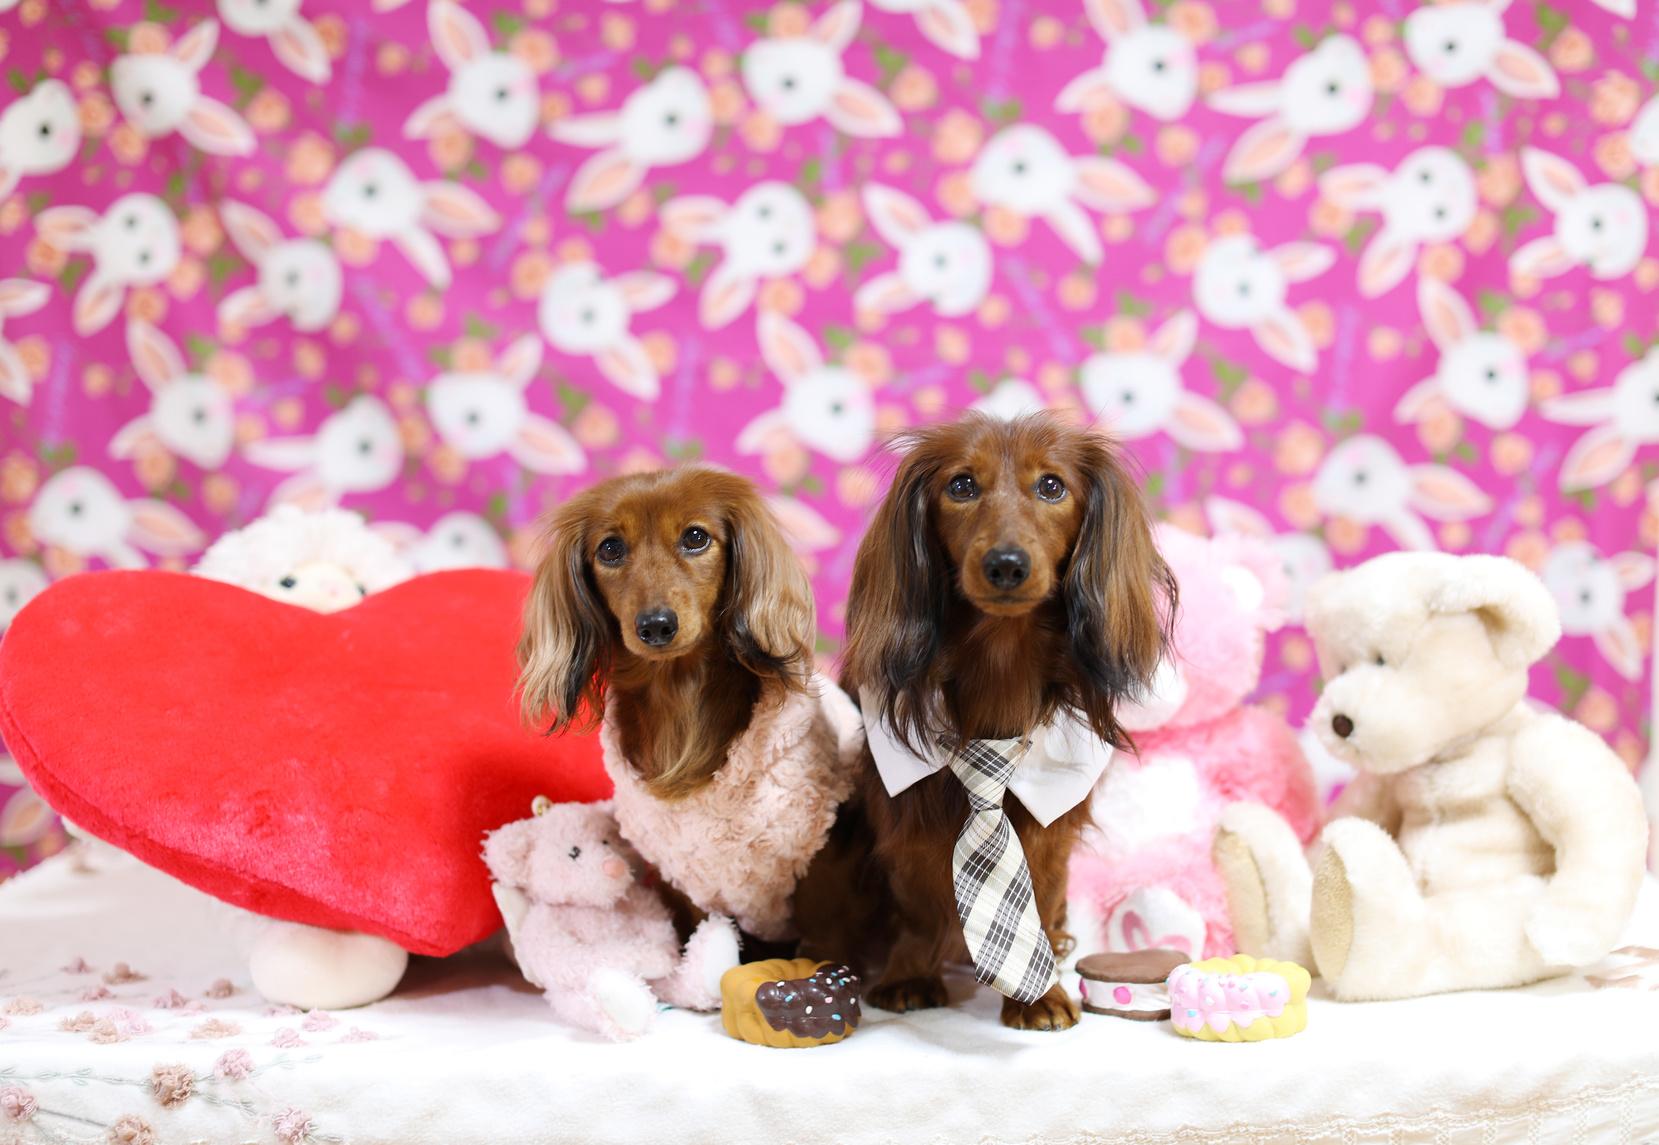 2月は犬のチョコレート誤飲が急増!チョコレート中毒とは